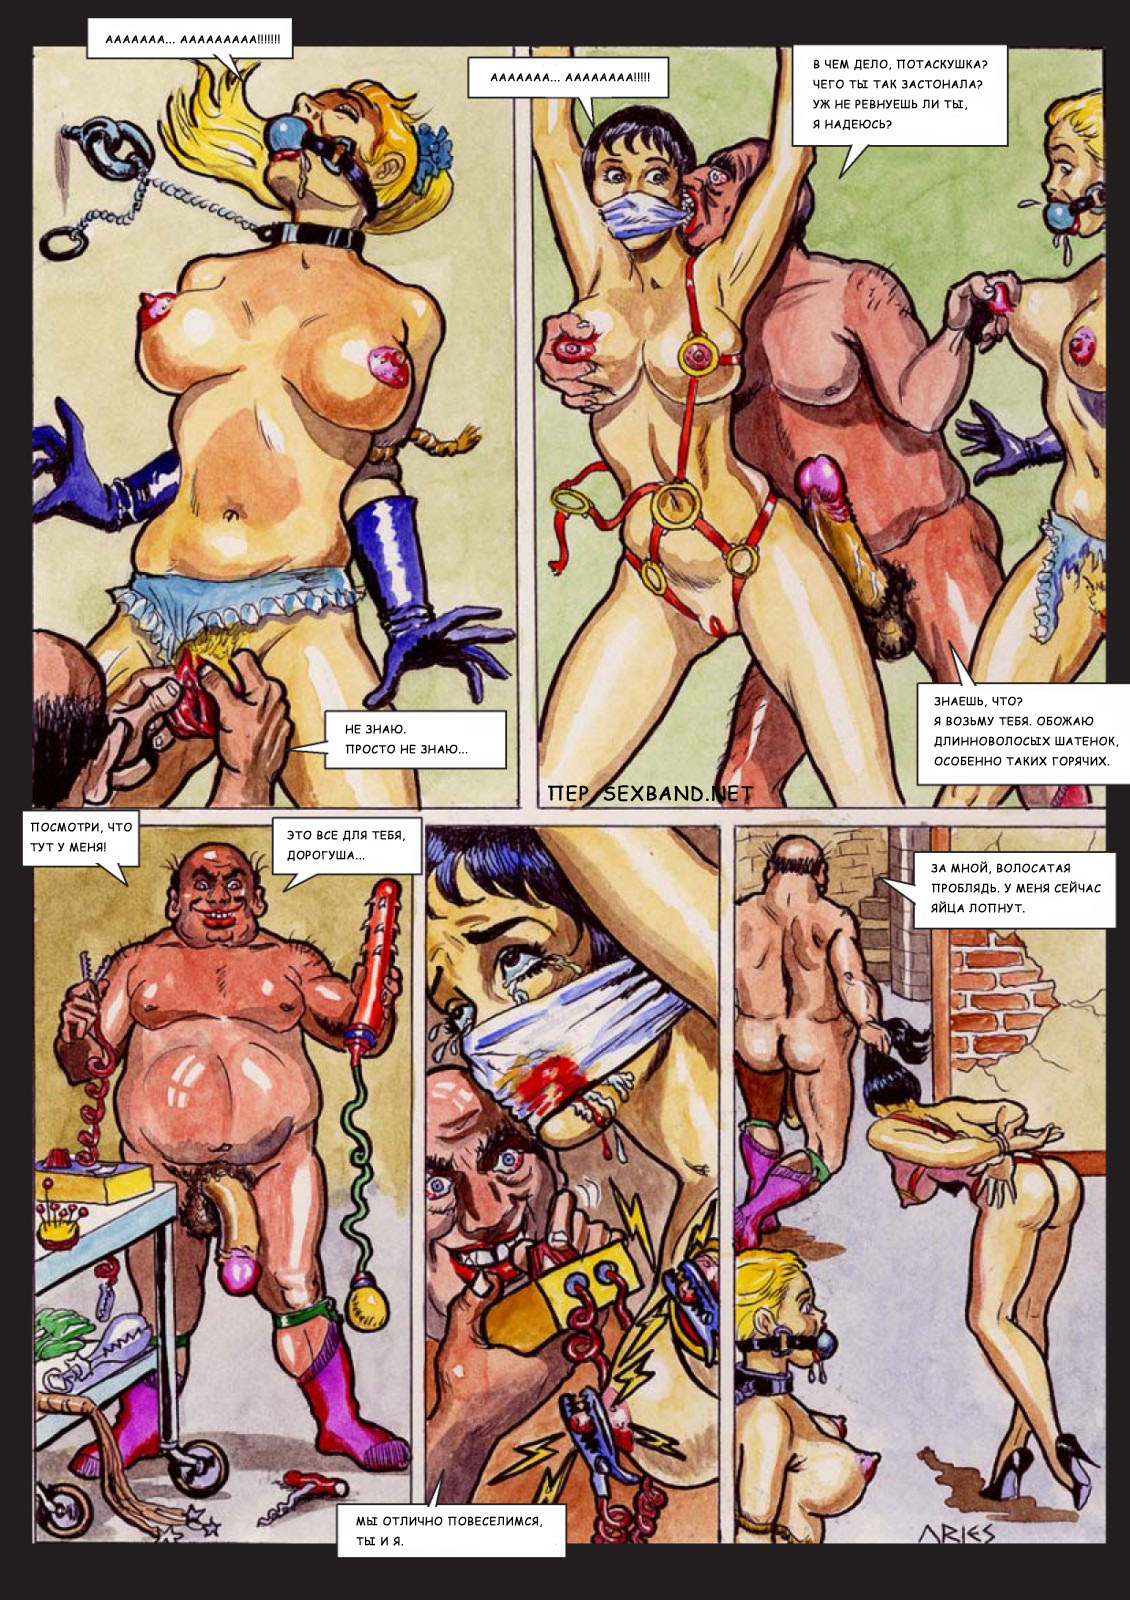 Смотреть порно онлайн бесплатно пытки 17 фотография